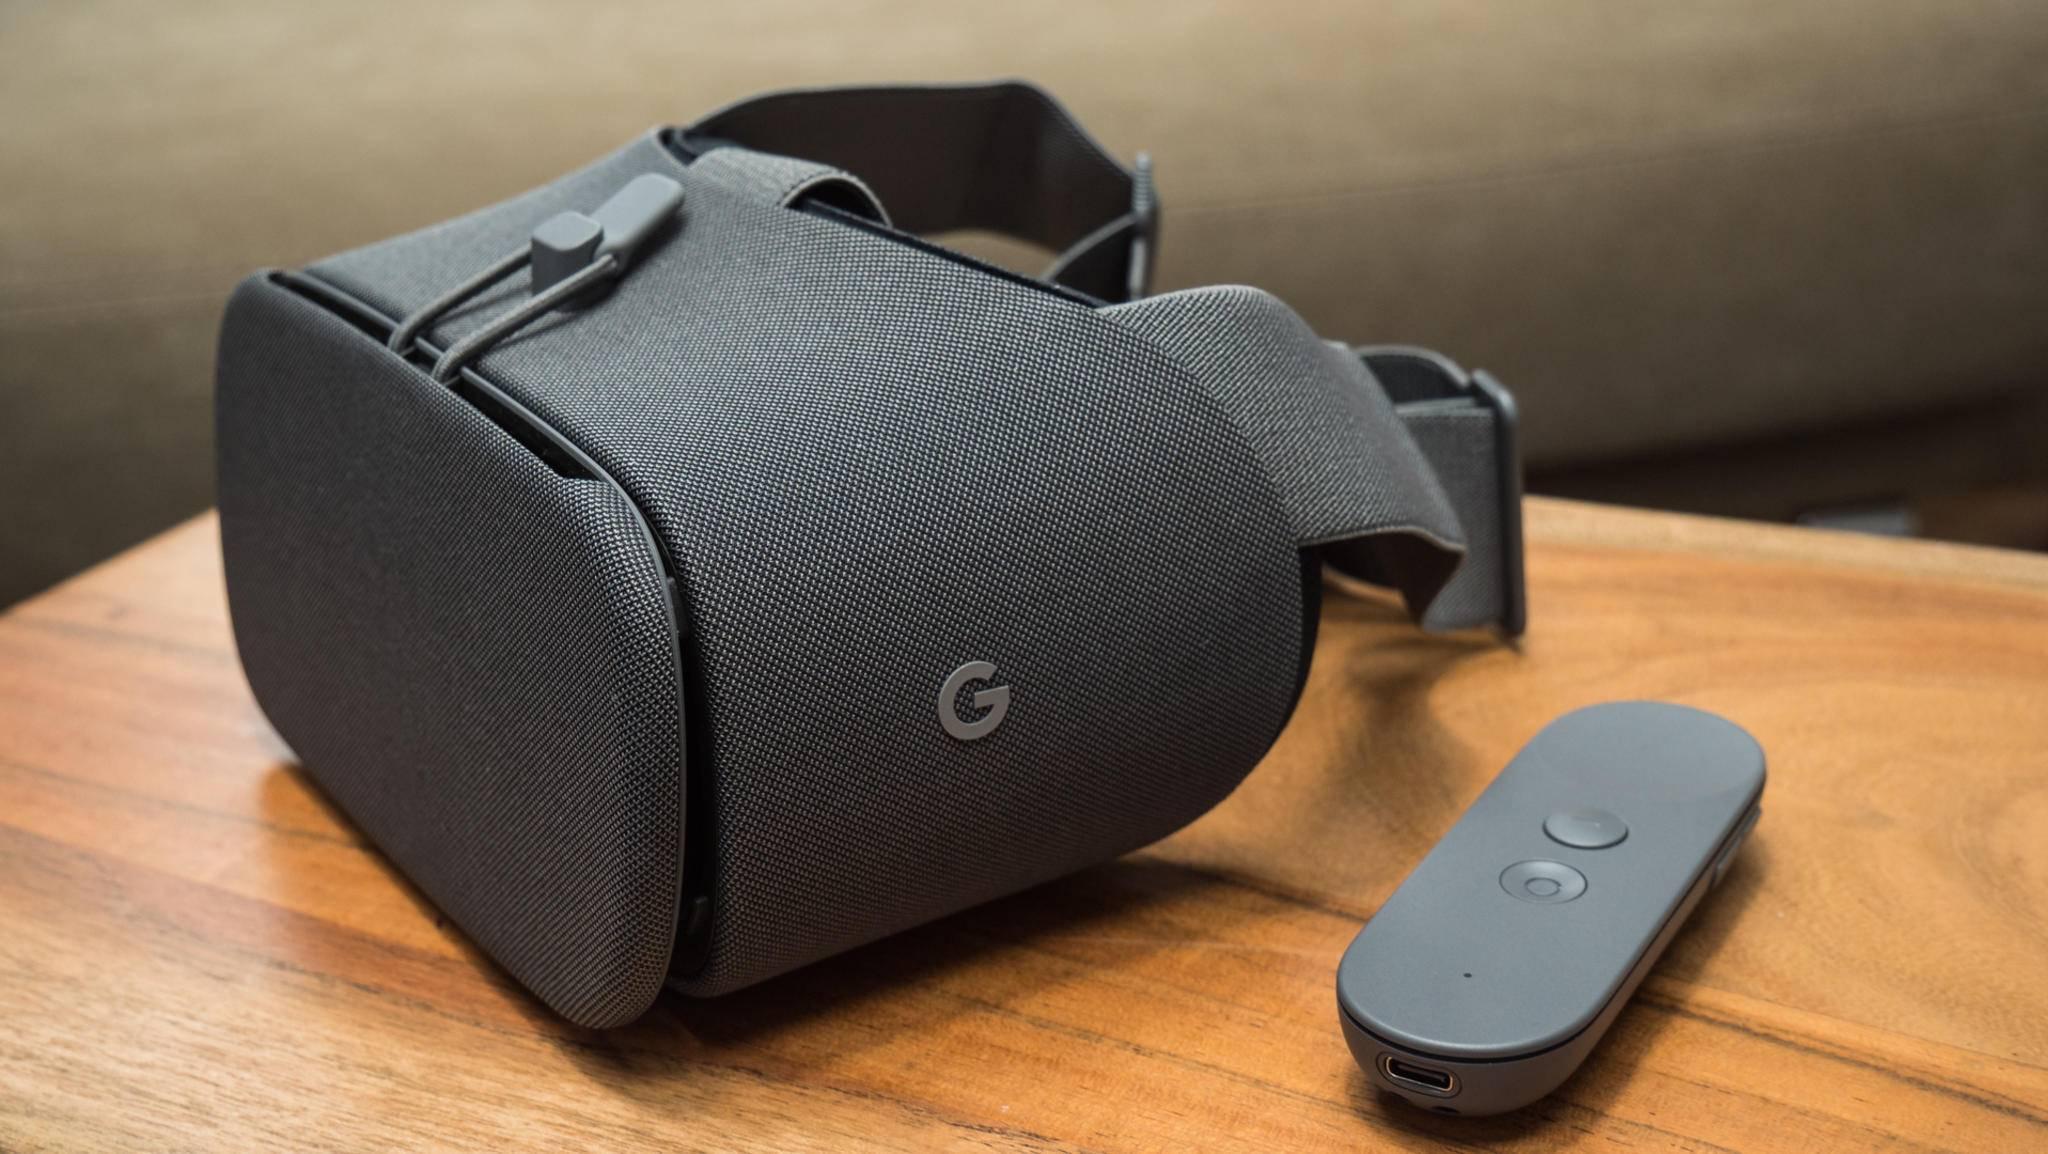 Die VR-Brille Daydream View 2017 wurde im Vergleich zum Vorgänger verbessert.